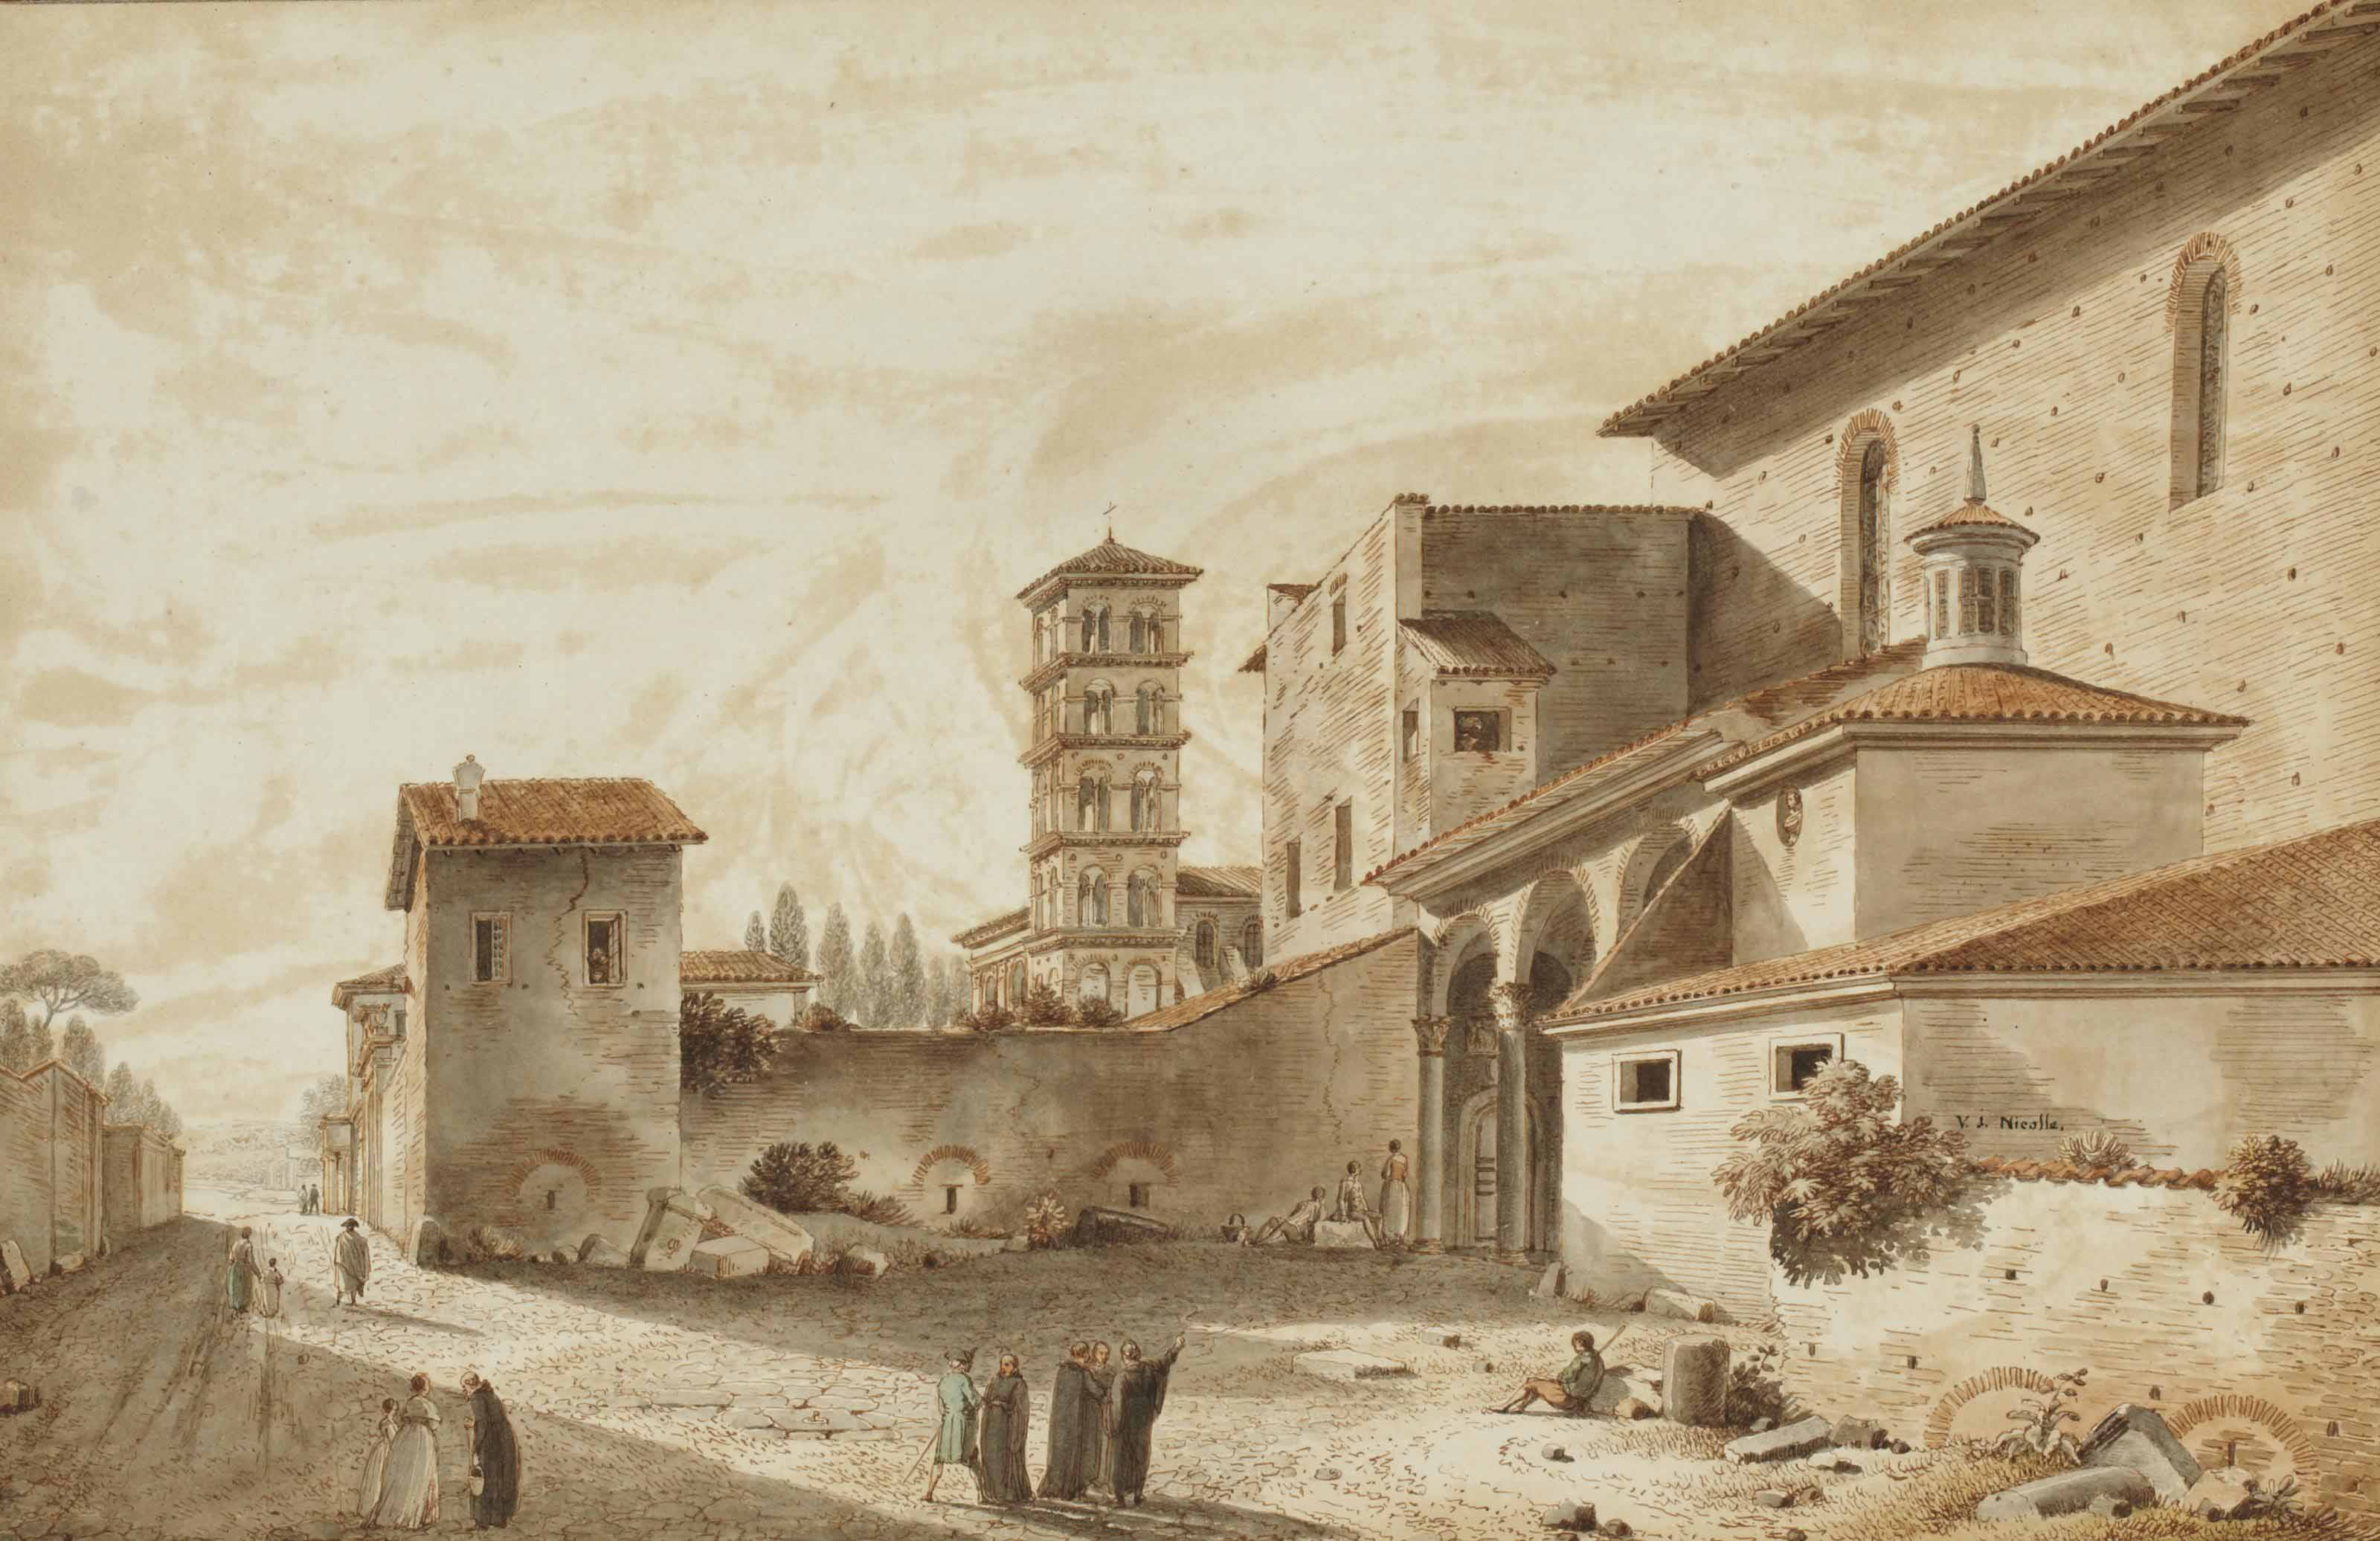 Vue du clocher de Saint Alexis et de l'entrée de l'église de Sainte Sabine sur le mont Aventin à Rome